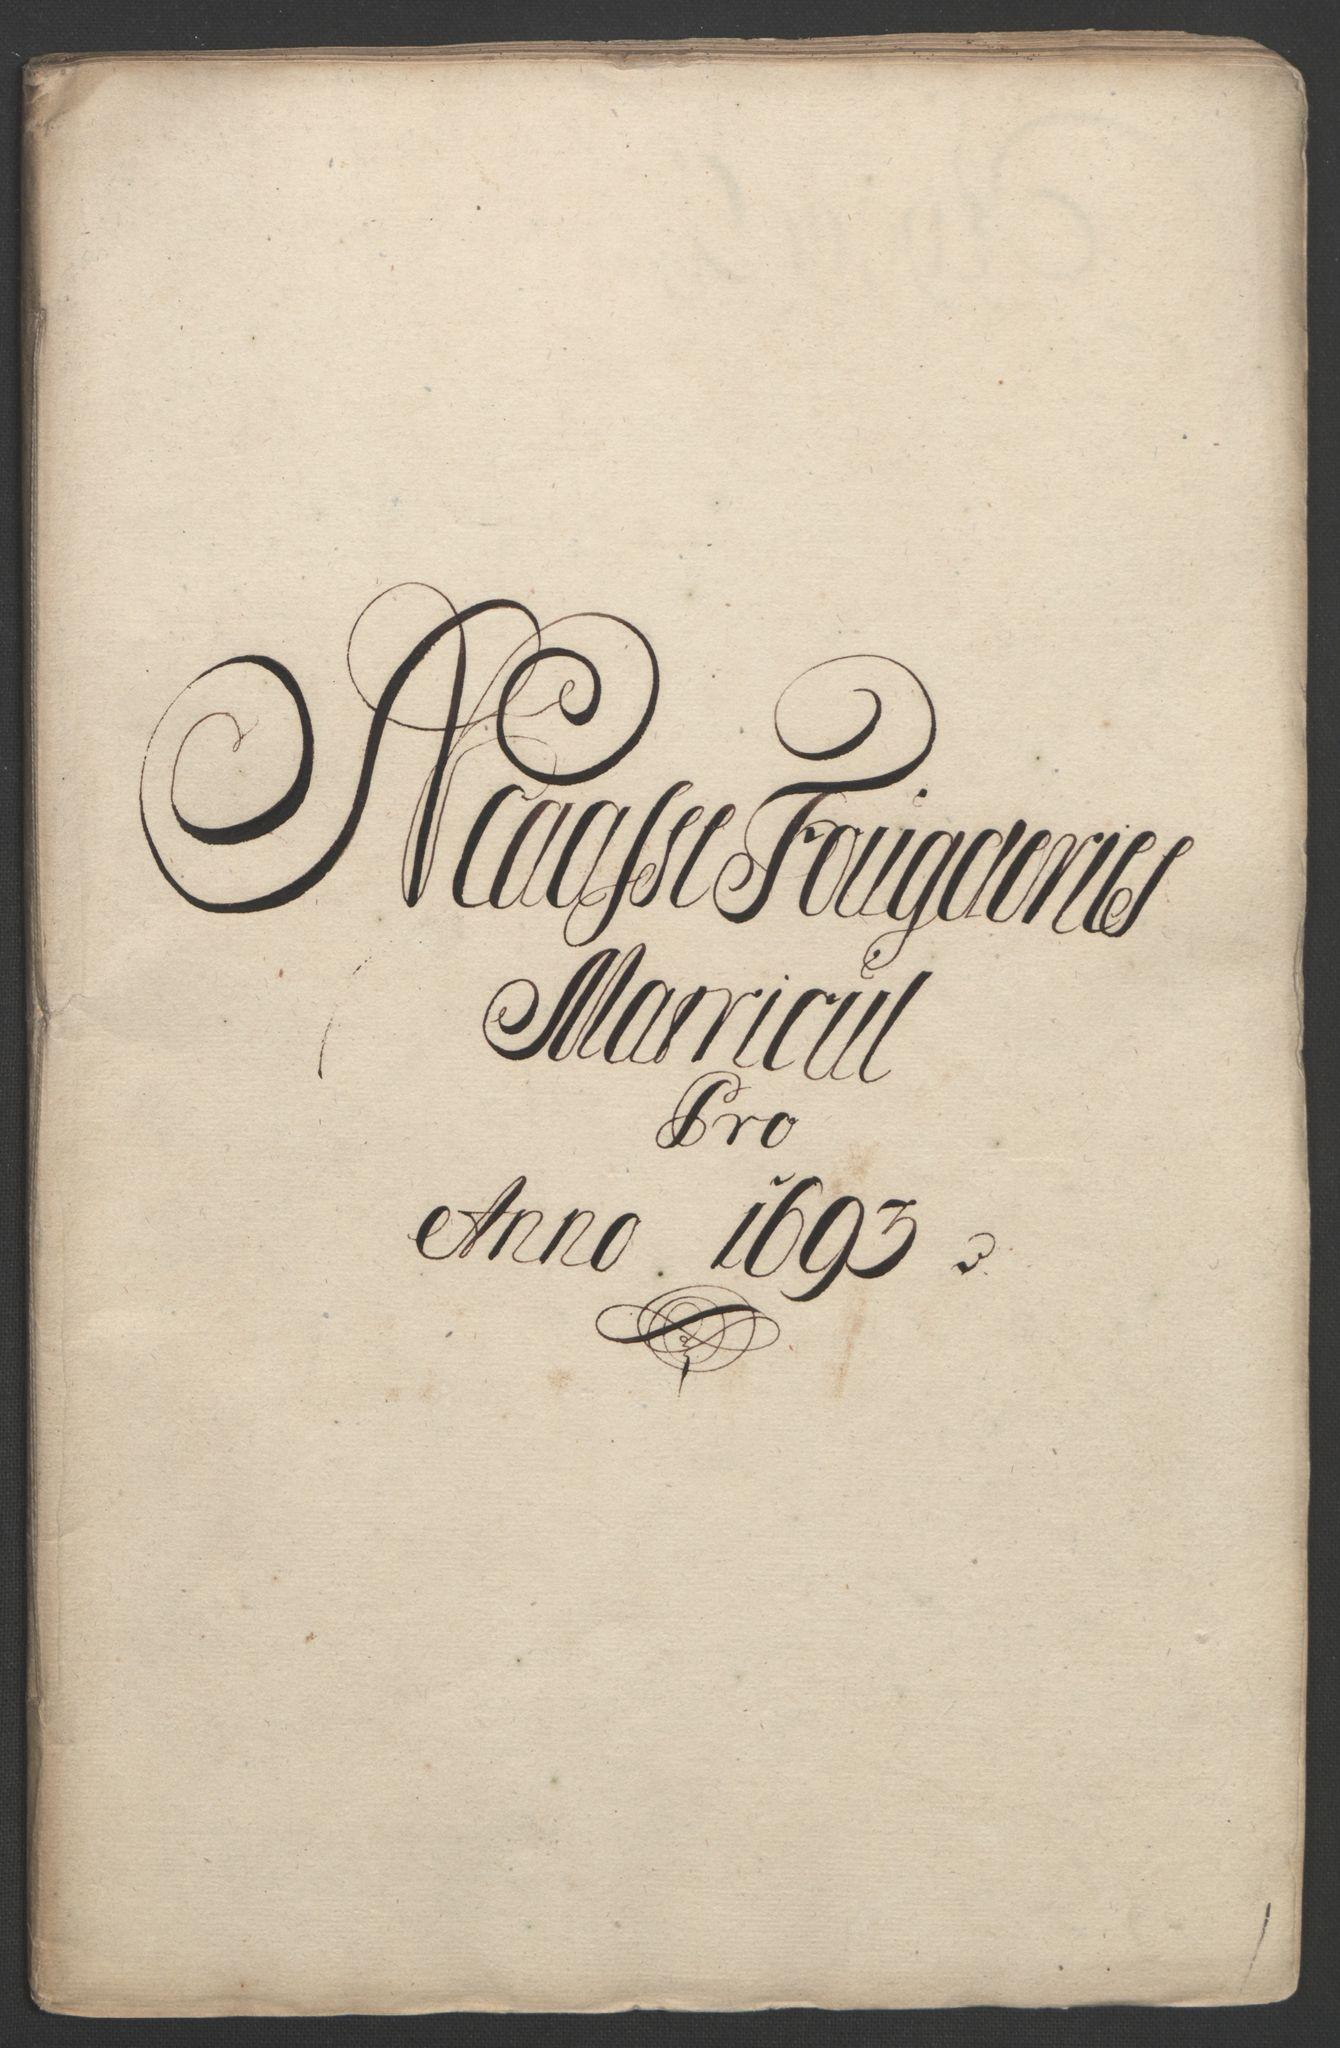 RA, Rentekammeret inntil 1814, Reviderte regnskaper, Fogderegnskap, R02/L0108: Fogderegnskap Moss og Verne kloster, 1692-1693, s. 258